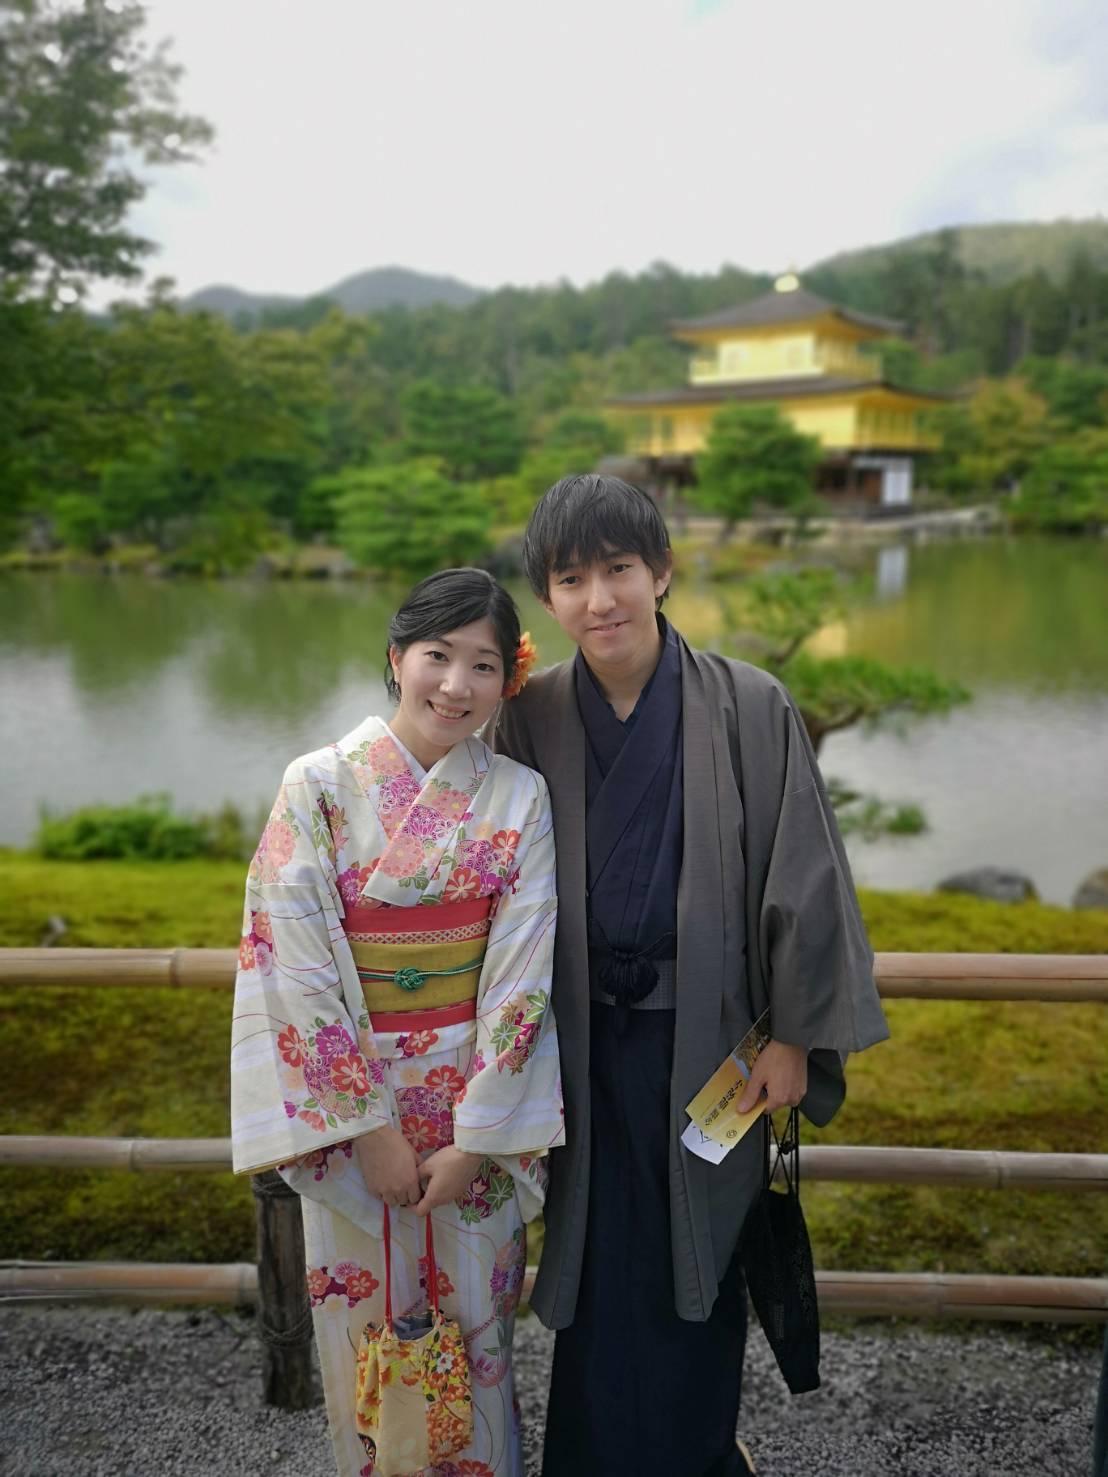 皆で京都旅行(^^♪2019年10月13日4